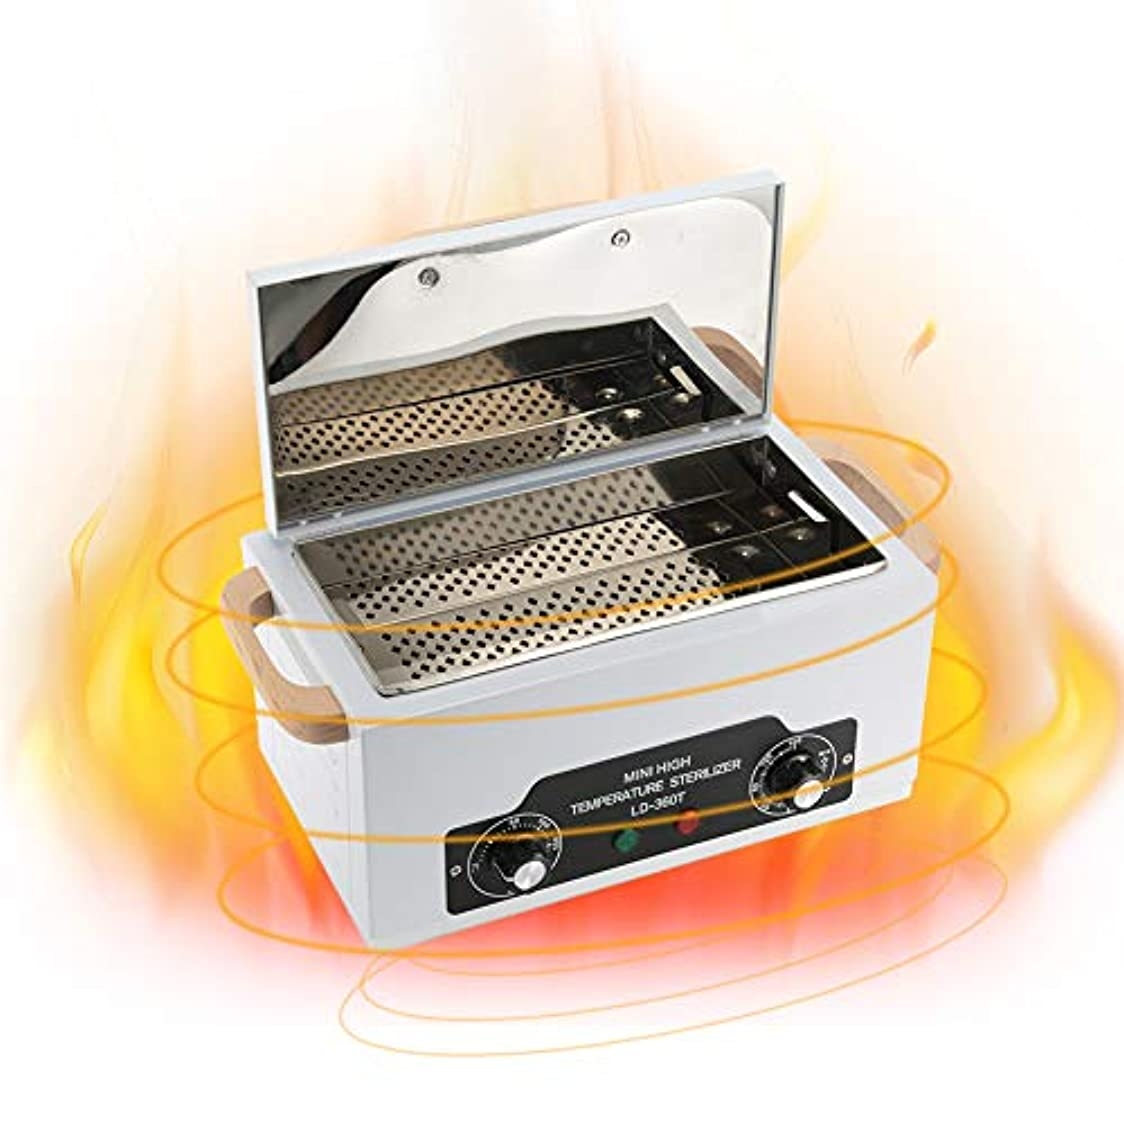 バブル可聴練るネイルツール滅菌ボックス 高温滅菌器 ネイルツール 歯科用器具用 取り外し可能 ステンレス(1)